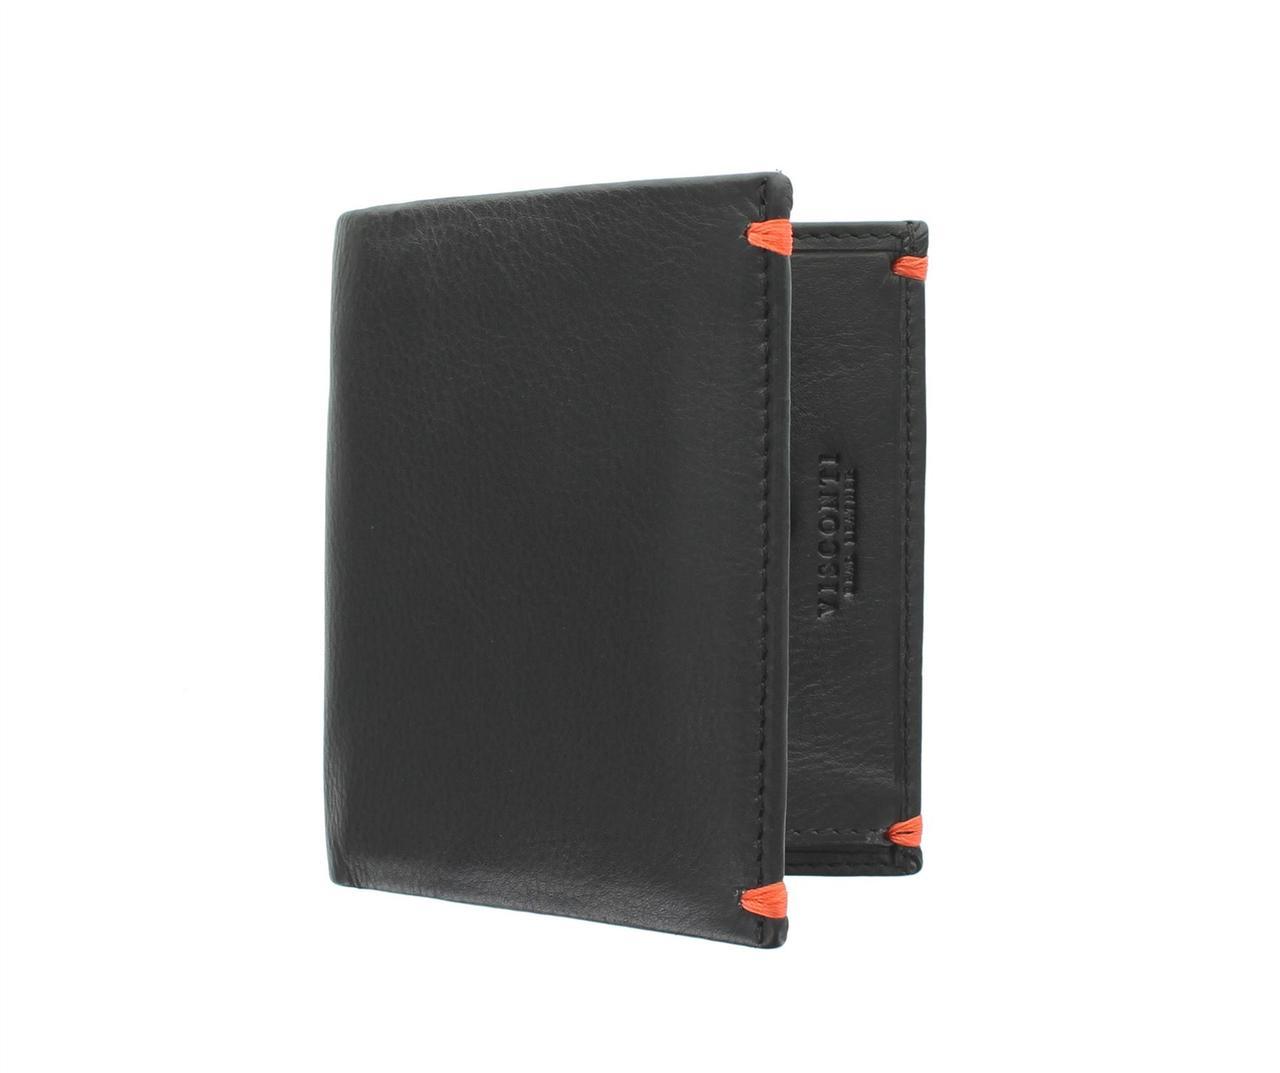 Кошелек из мягкой кожи Visconti AP61 Black/Orange (Великобритания)